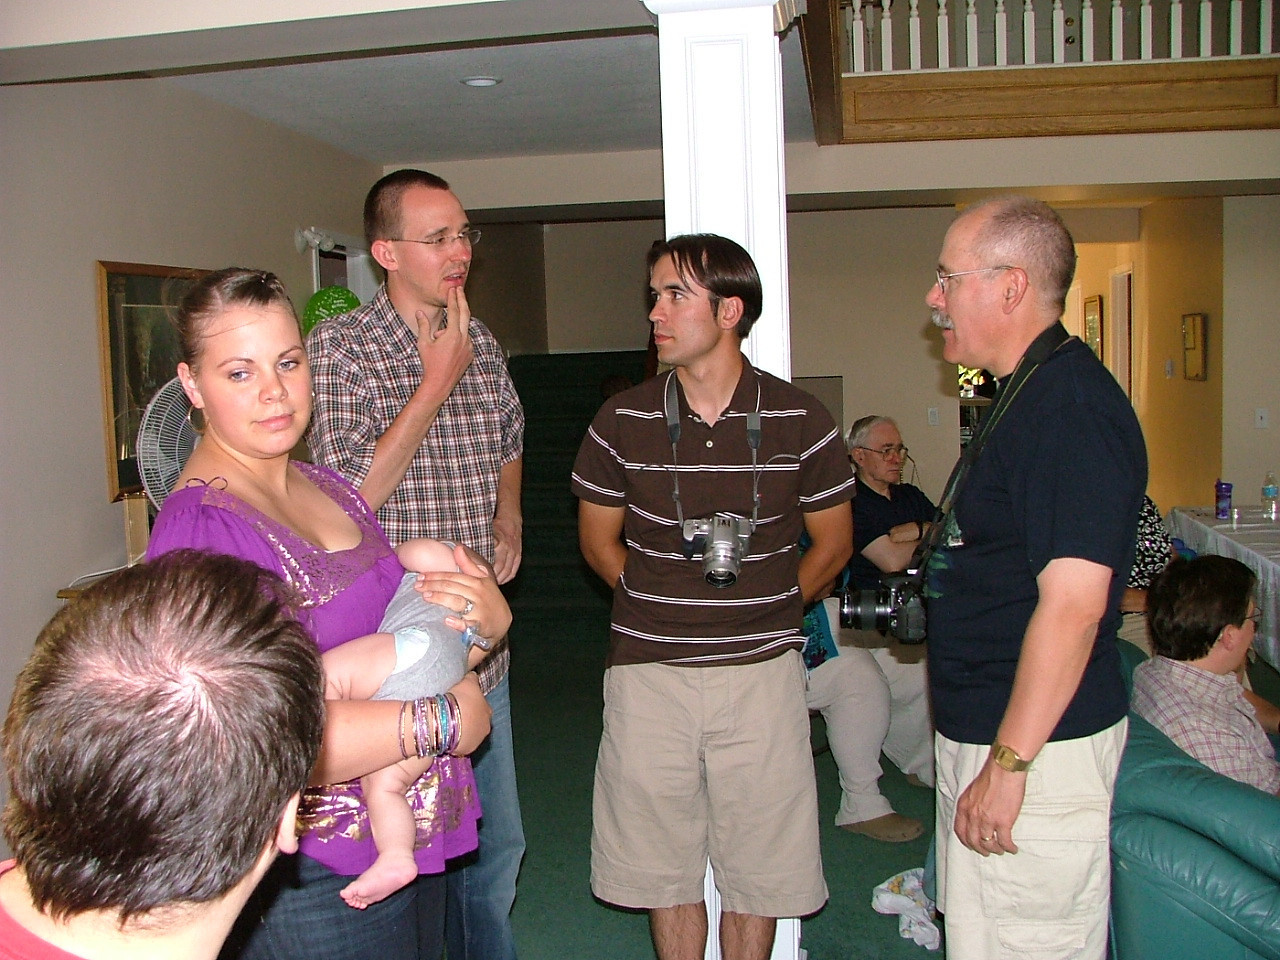 Jordan, Neal, Scott, Brian